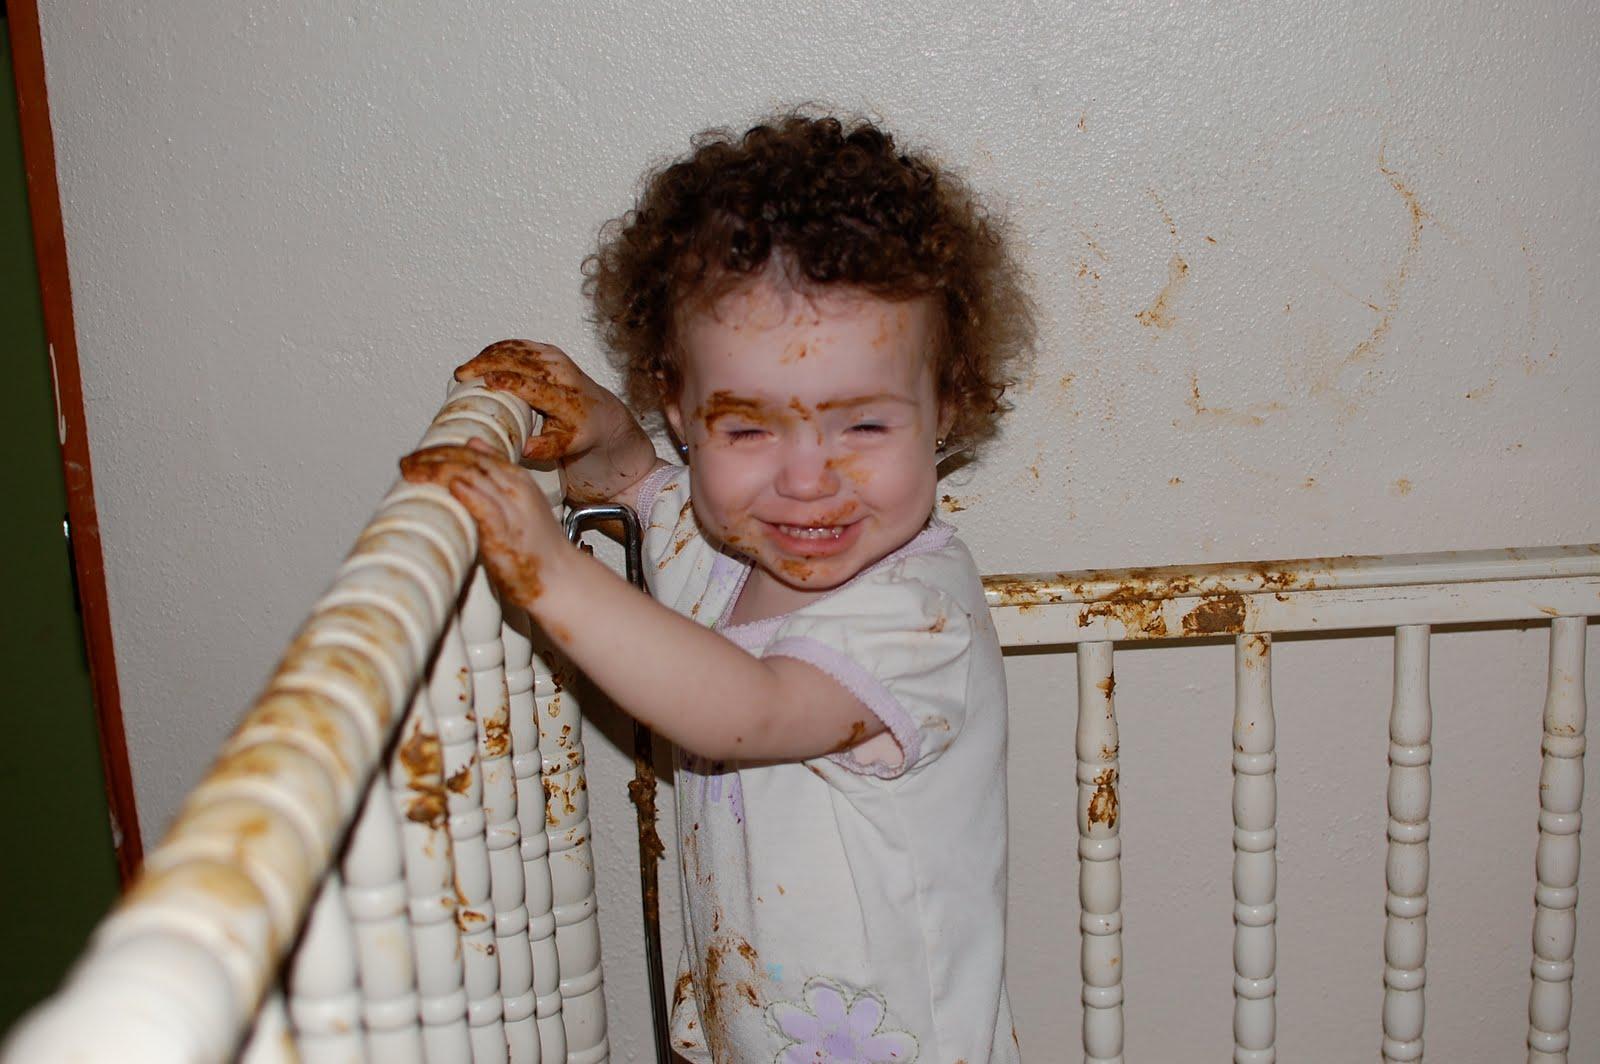 baby pooping on floor images usseekcom With kid poops on floor